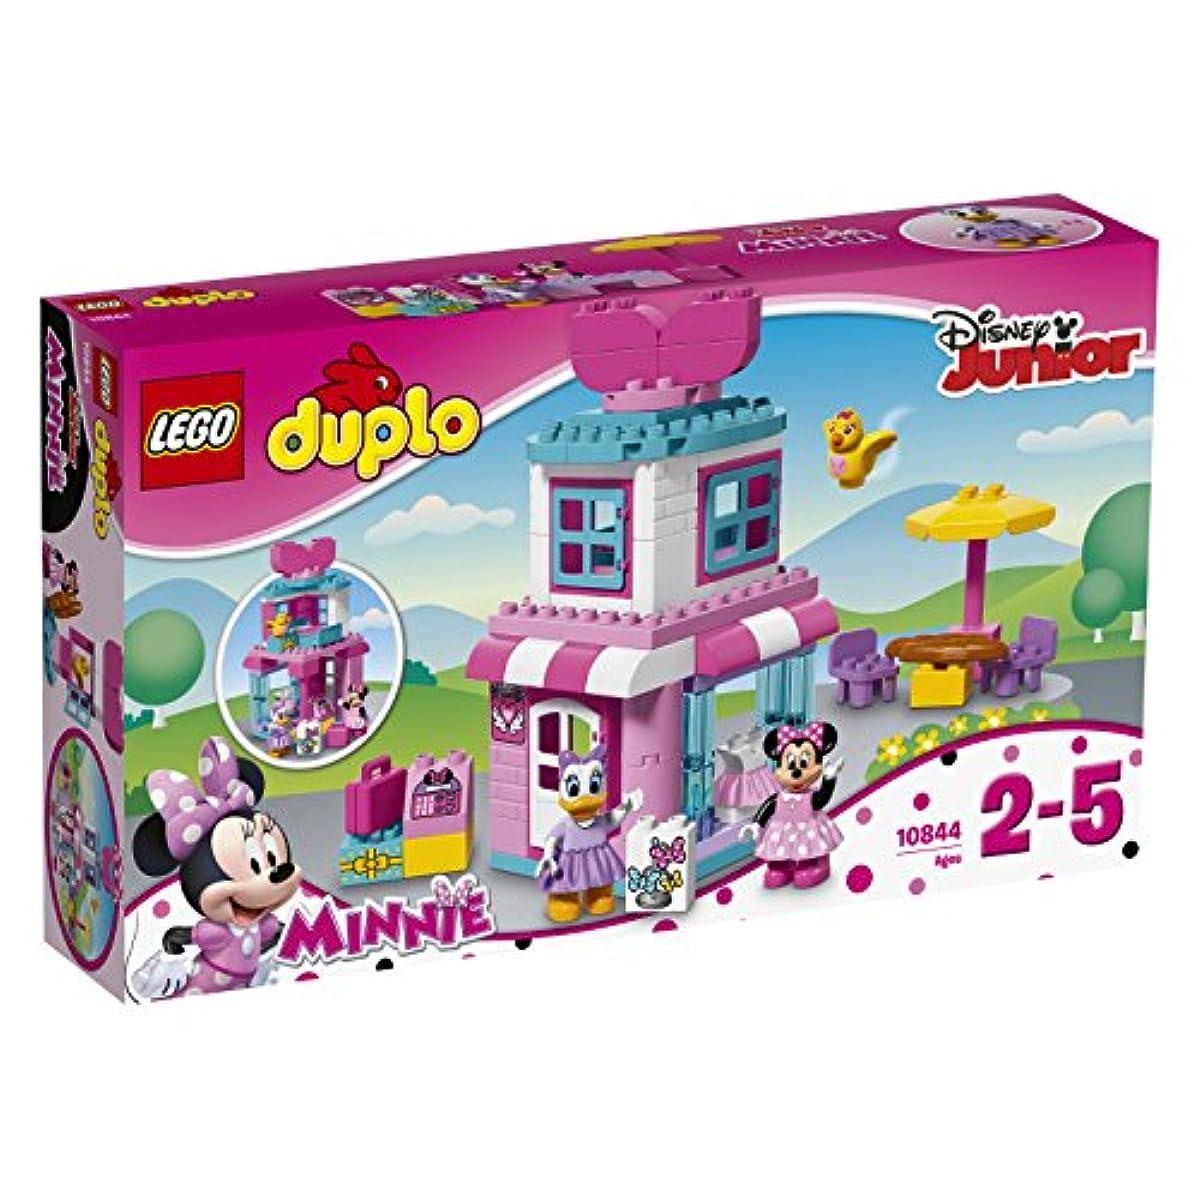 [해외] 레고 (LEGO) 듀플로 디즈니 미니의 고야 말 10844